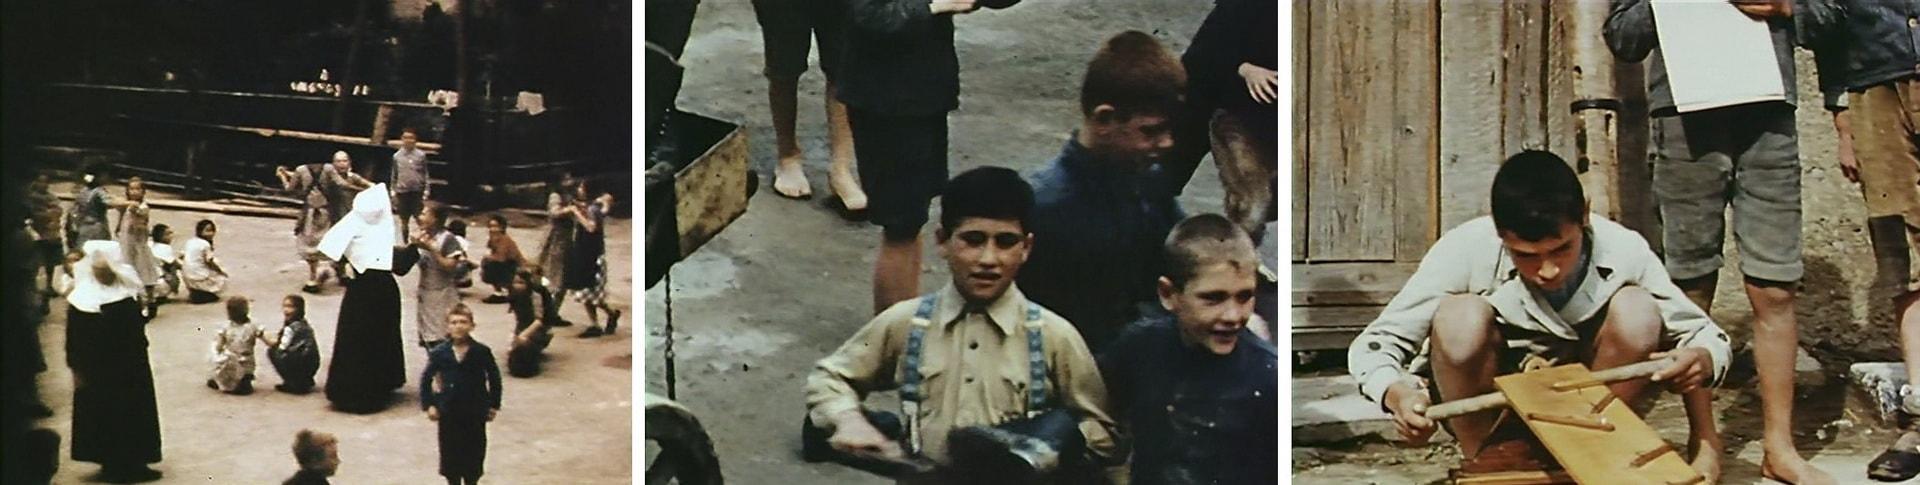 Цыганские дети в нацистском лагере